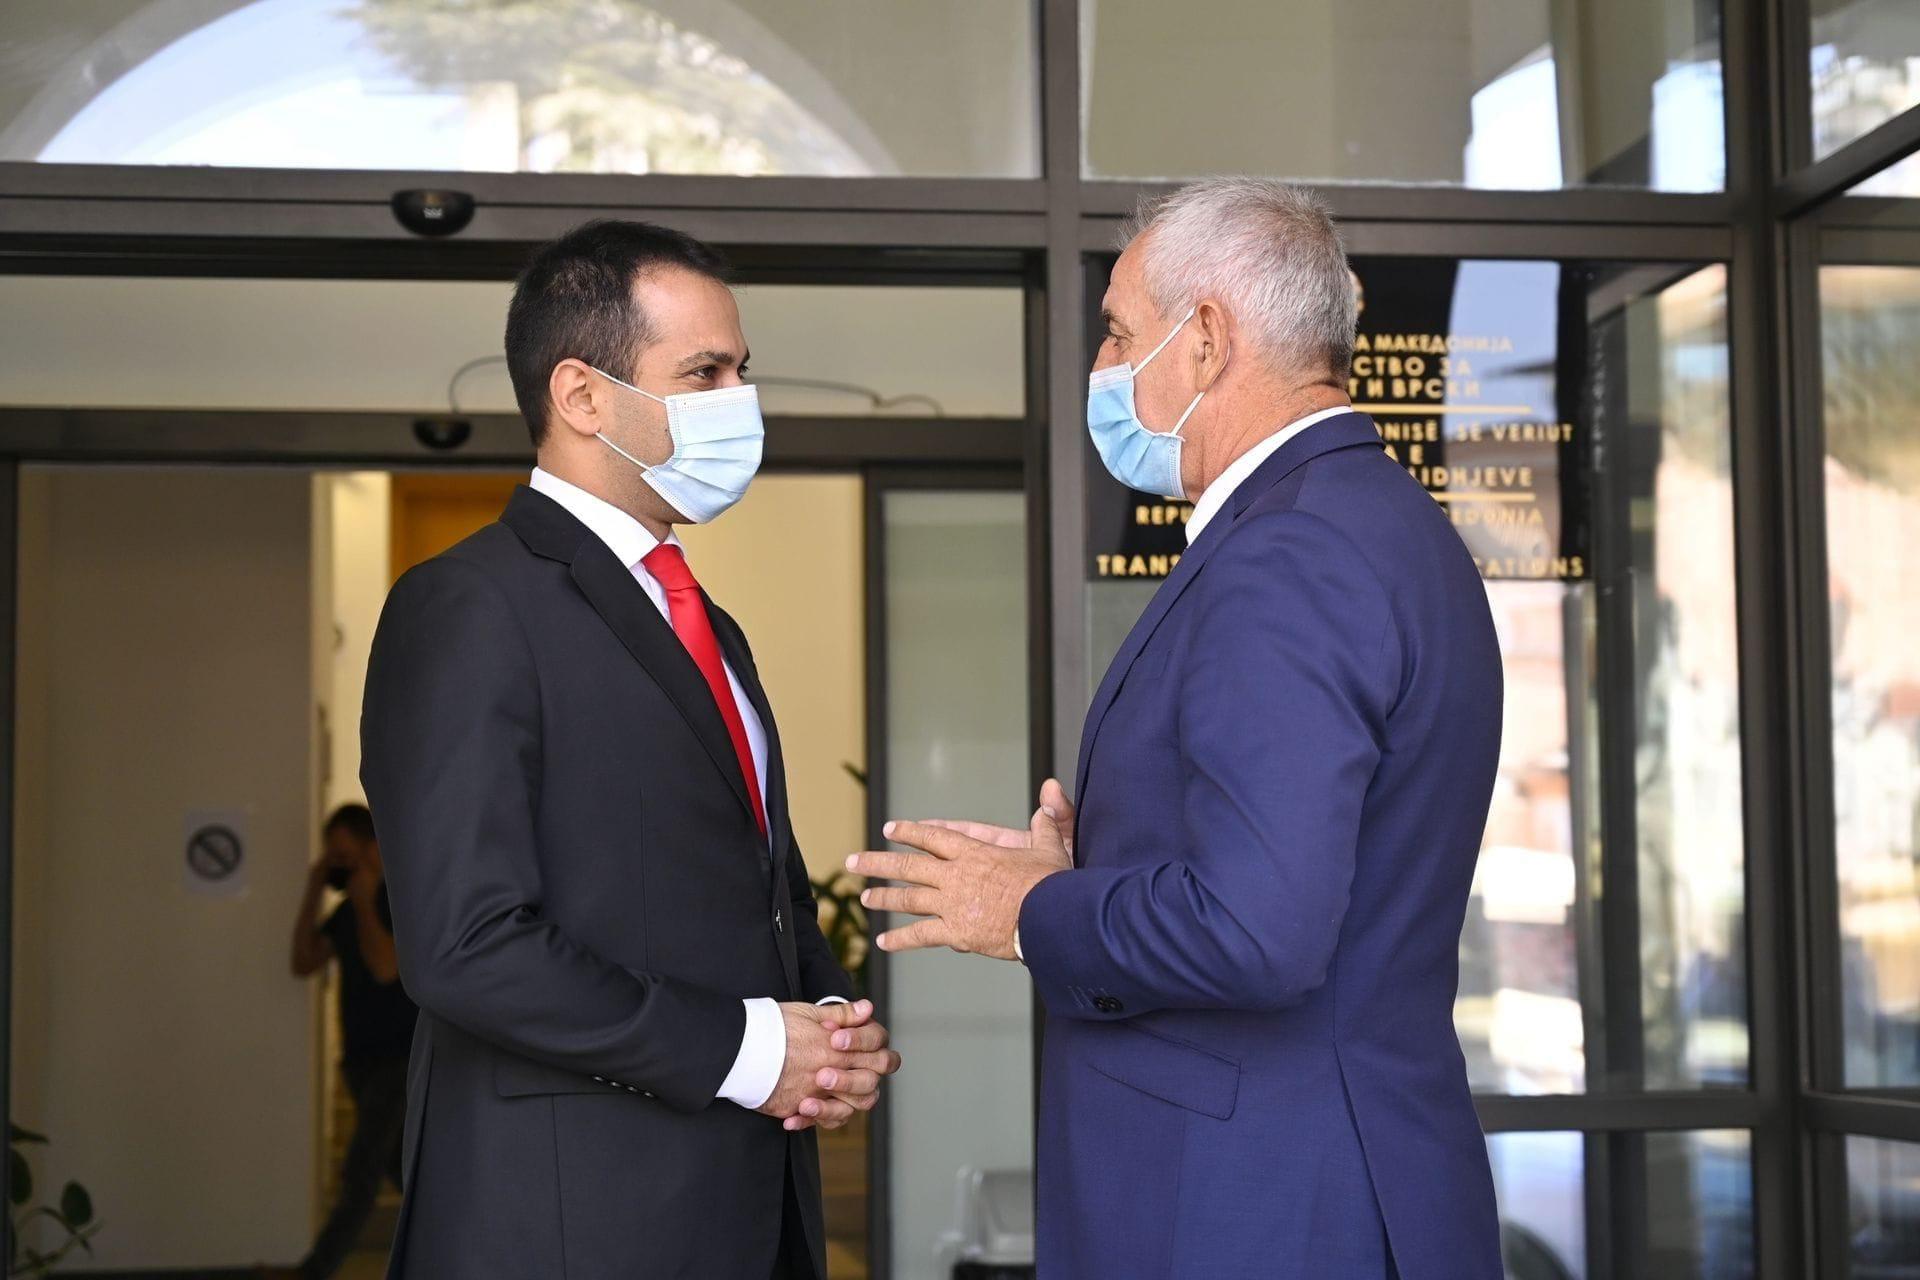 Sastanak ministra Mitrovića sa ministrom za transport i veze Republike Sjeverne Makedonije, Blagojem Bočvarskim